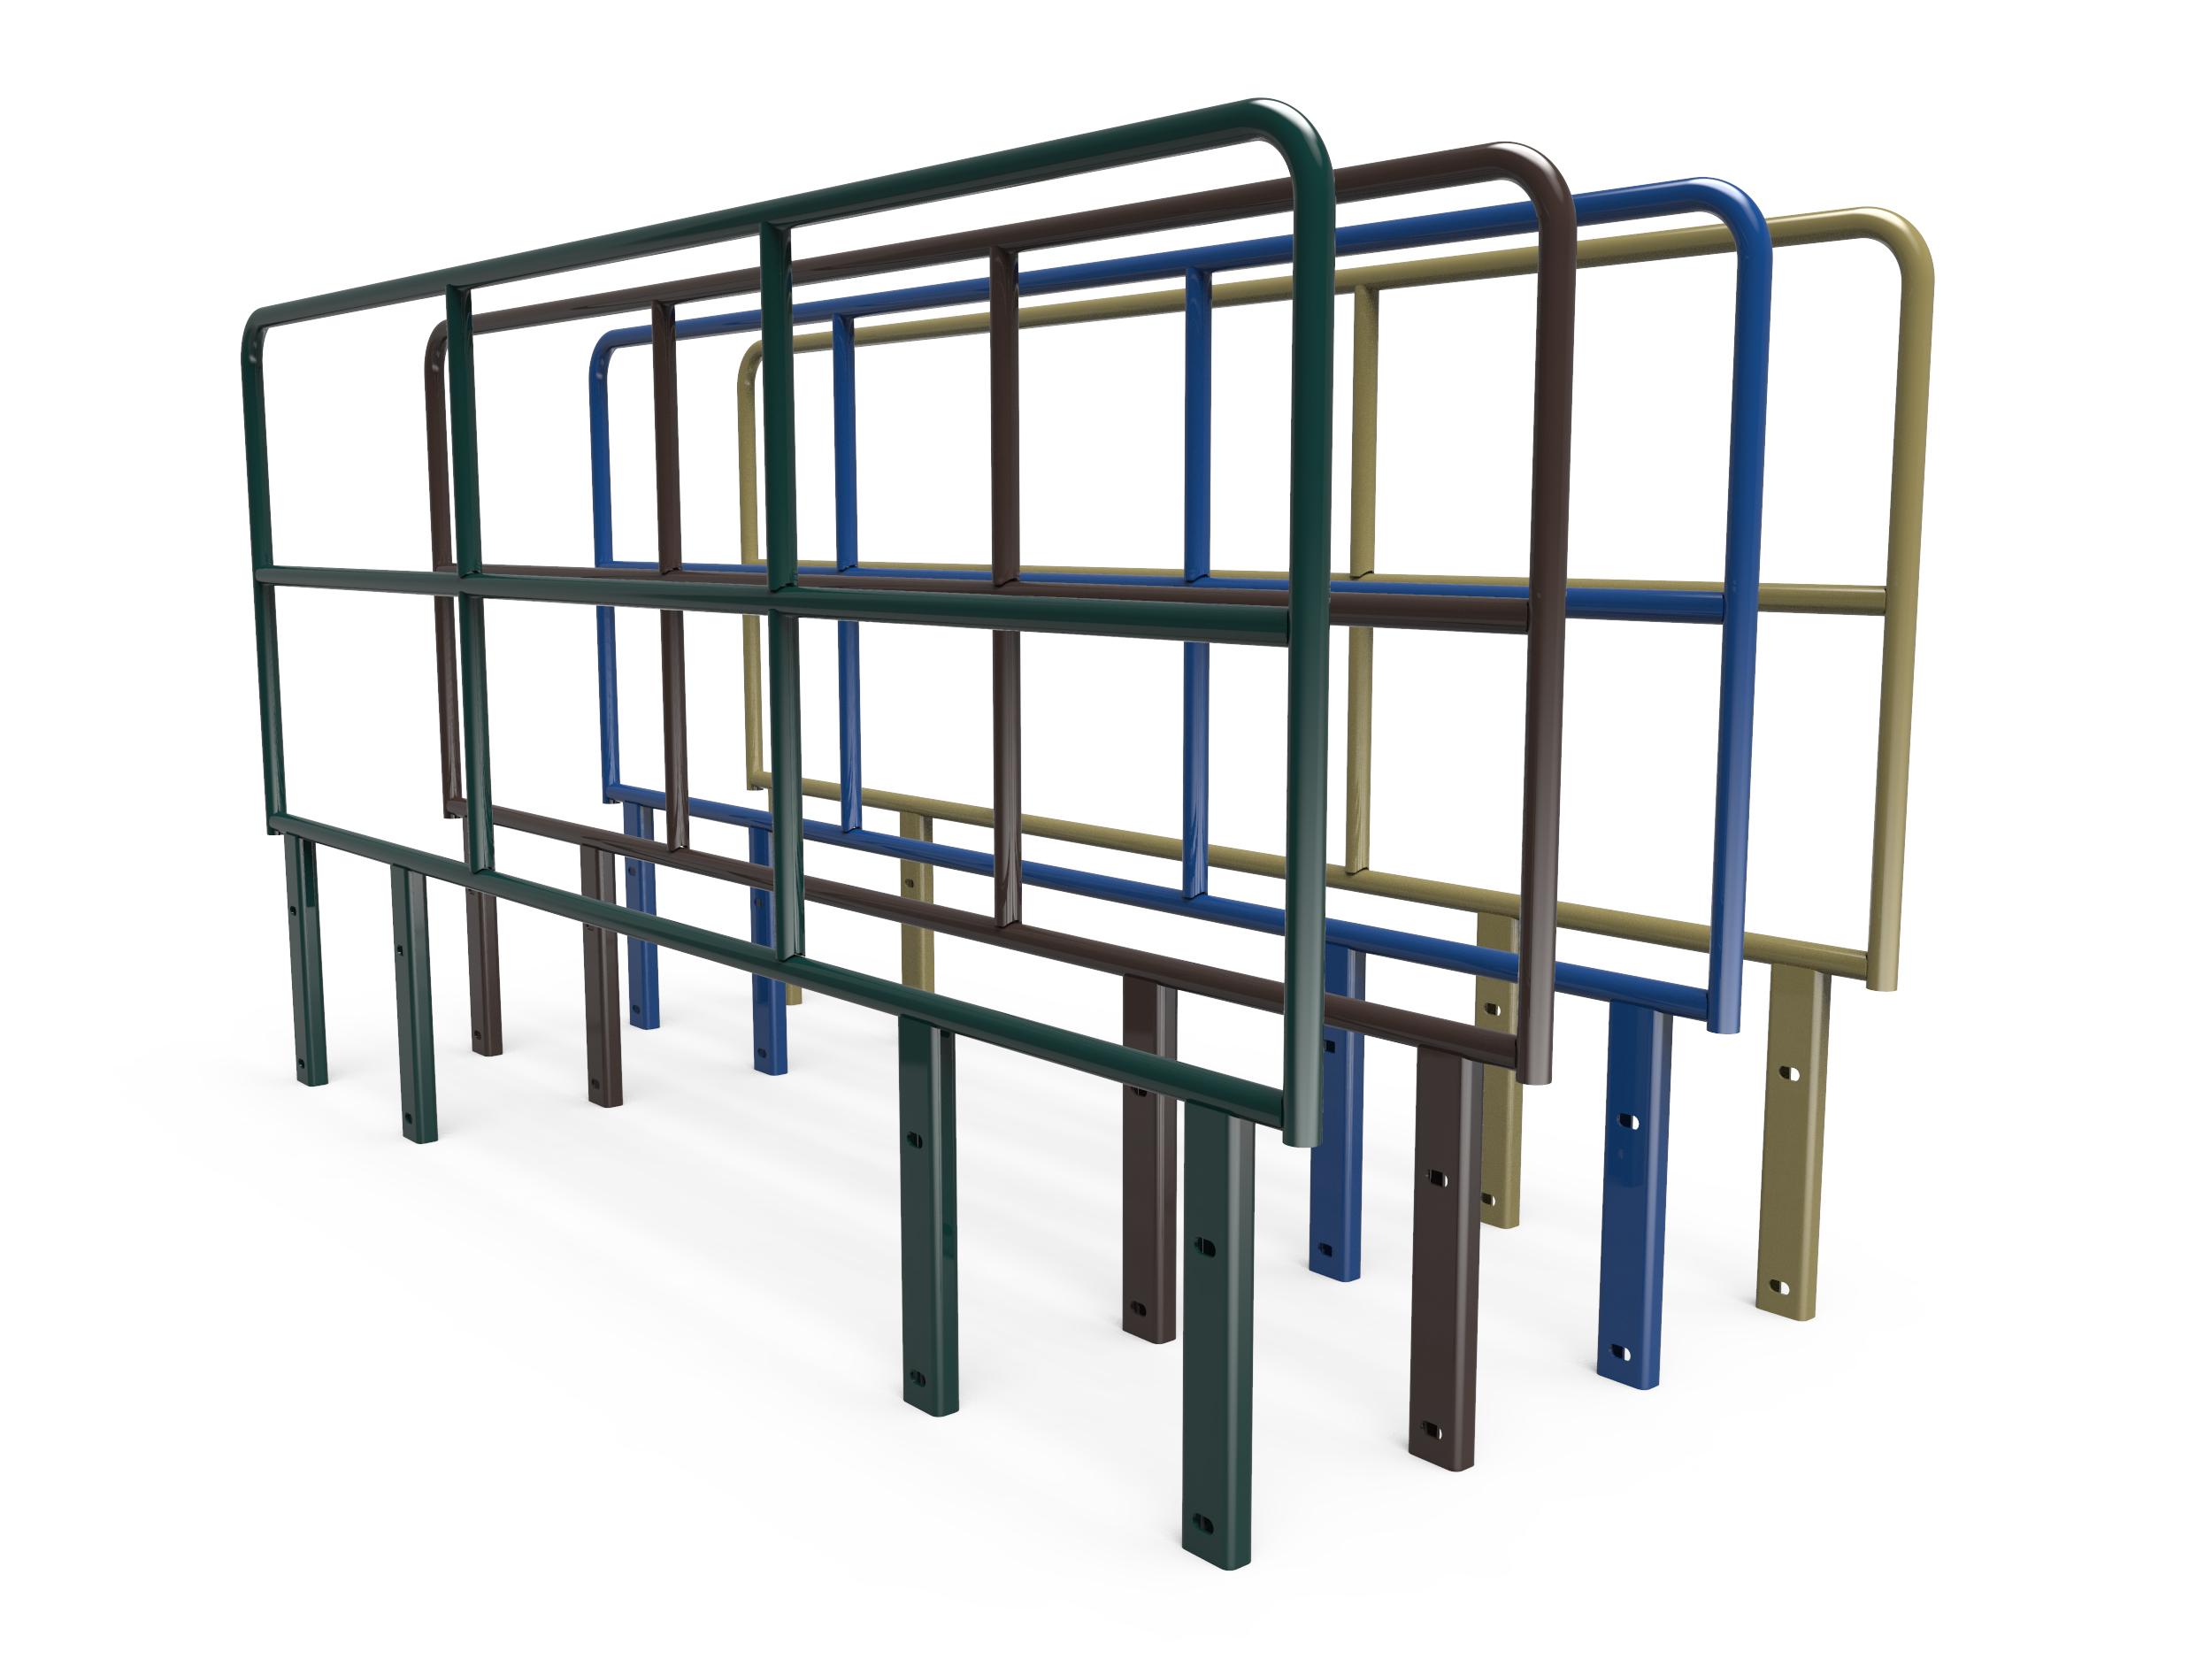 barrier free guard railing style 910 120 ez dock. Black Bedroom Furniture Sets. Home Design Ideas